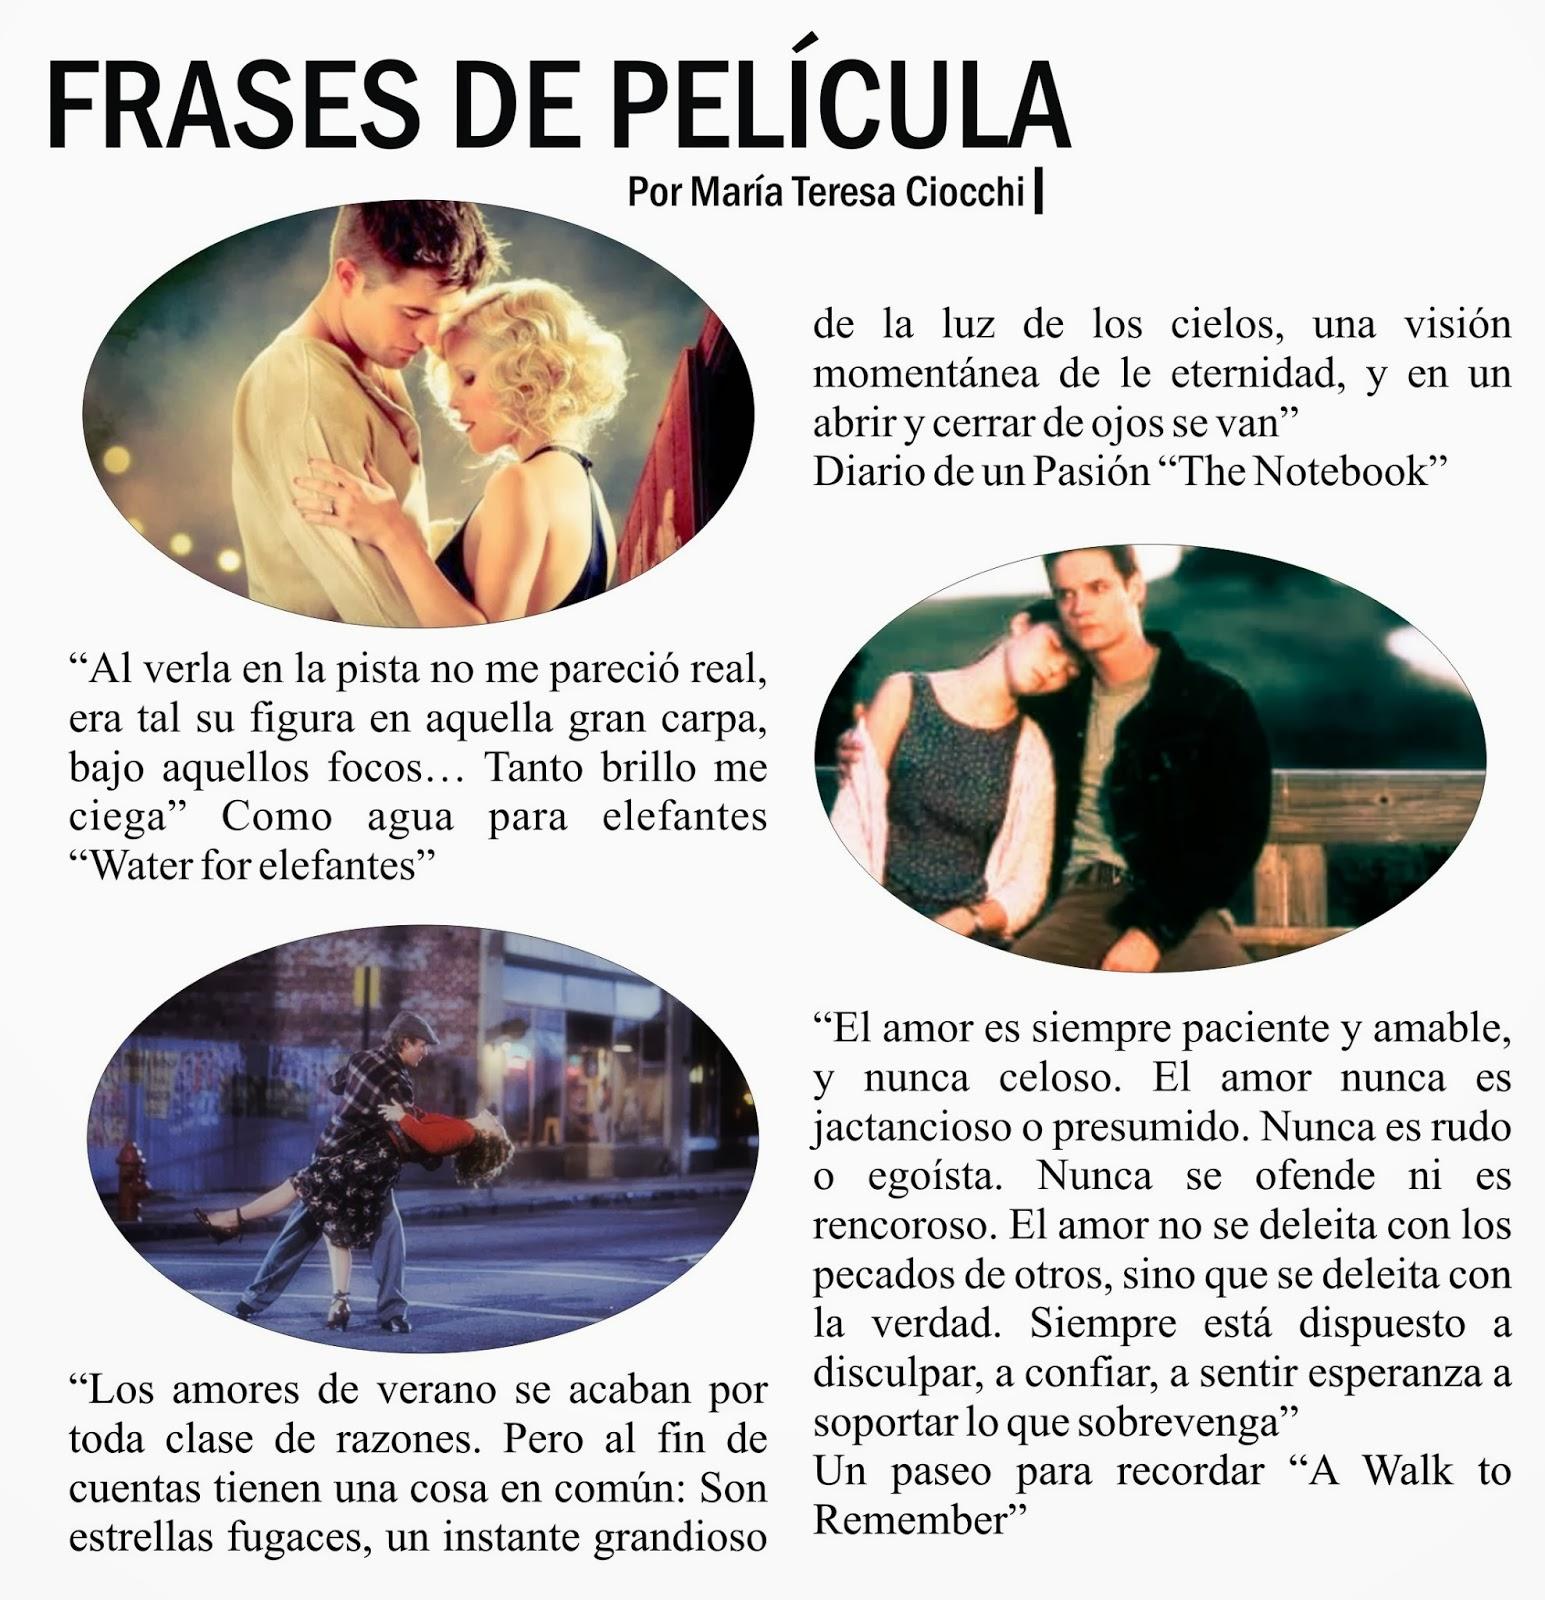 Frases románticas de pelculas Frases de pelculas por Karla y Mara